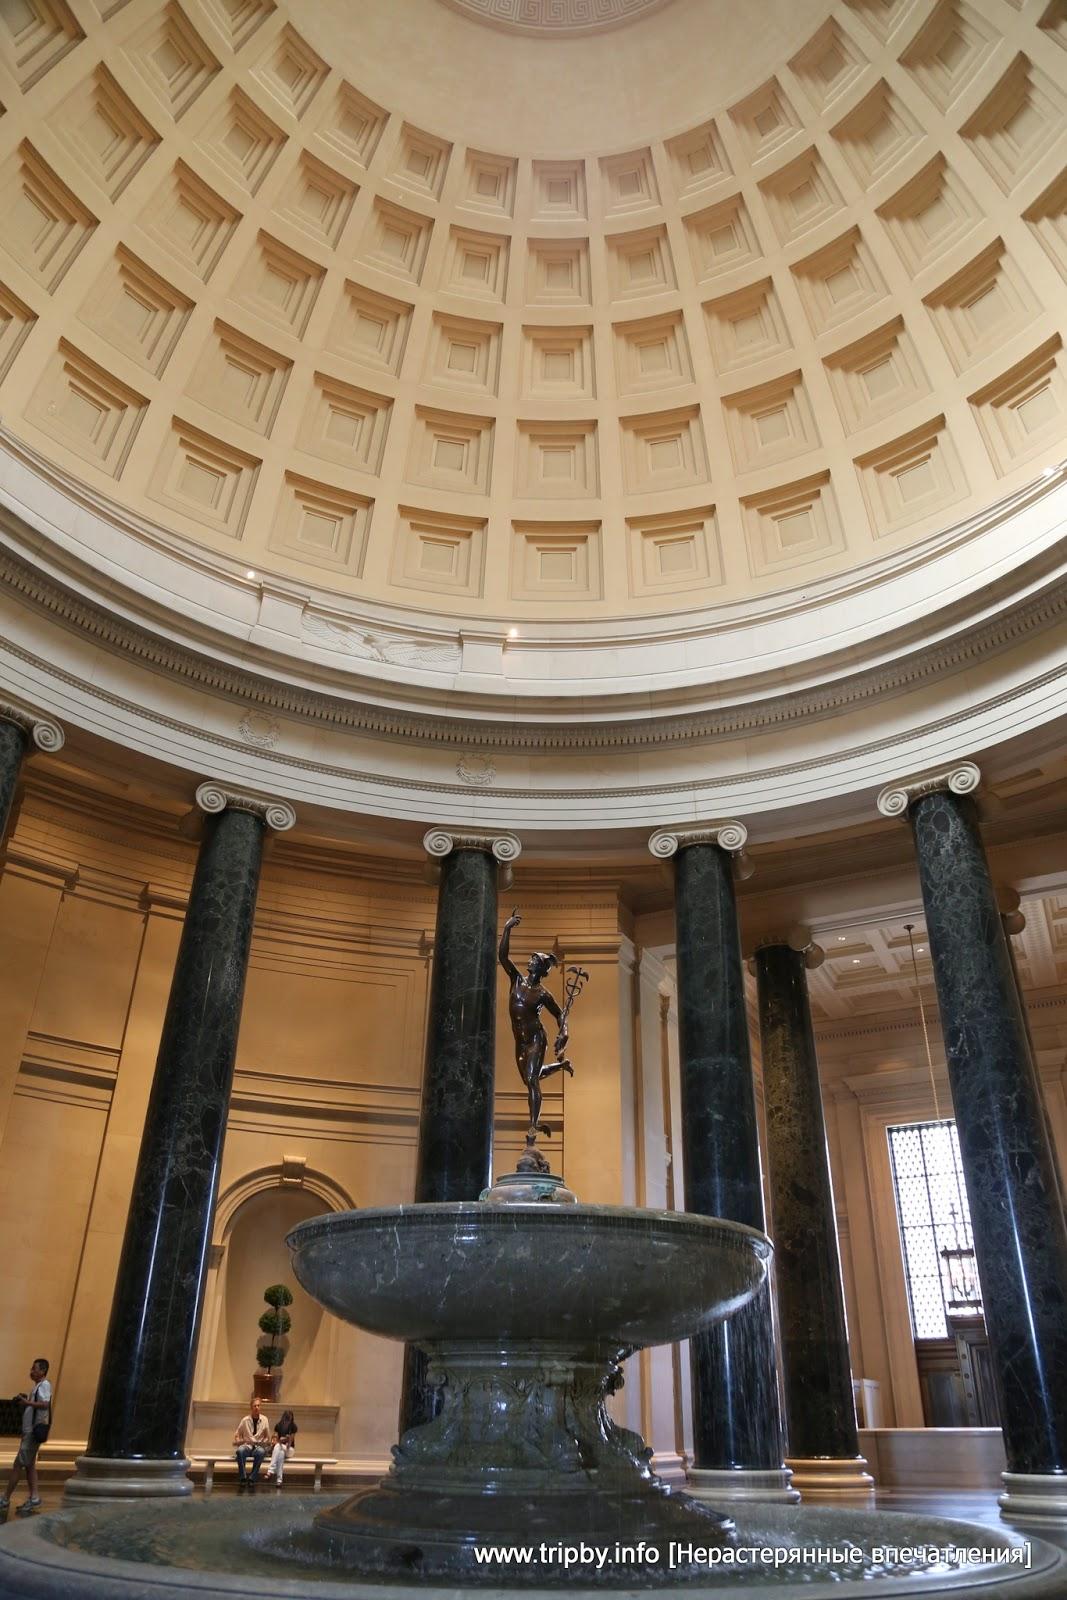 Центральный холл западного здания Национальной галереи искусства. NGA / by TripBY